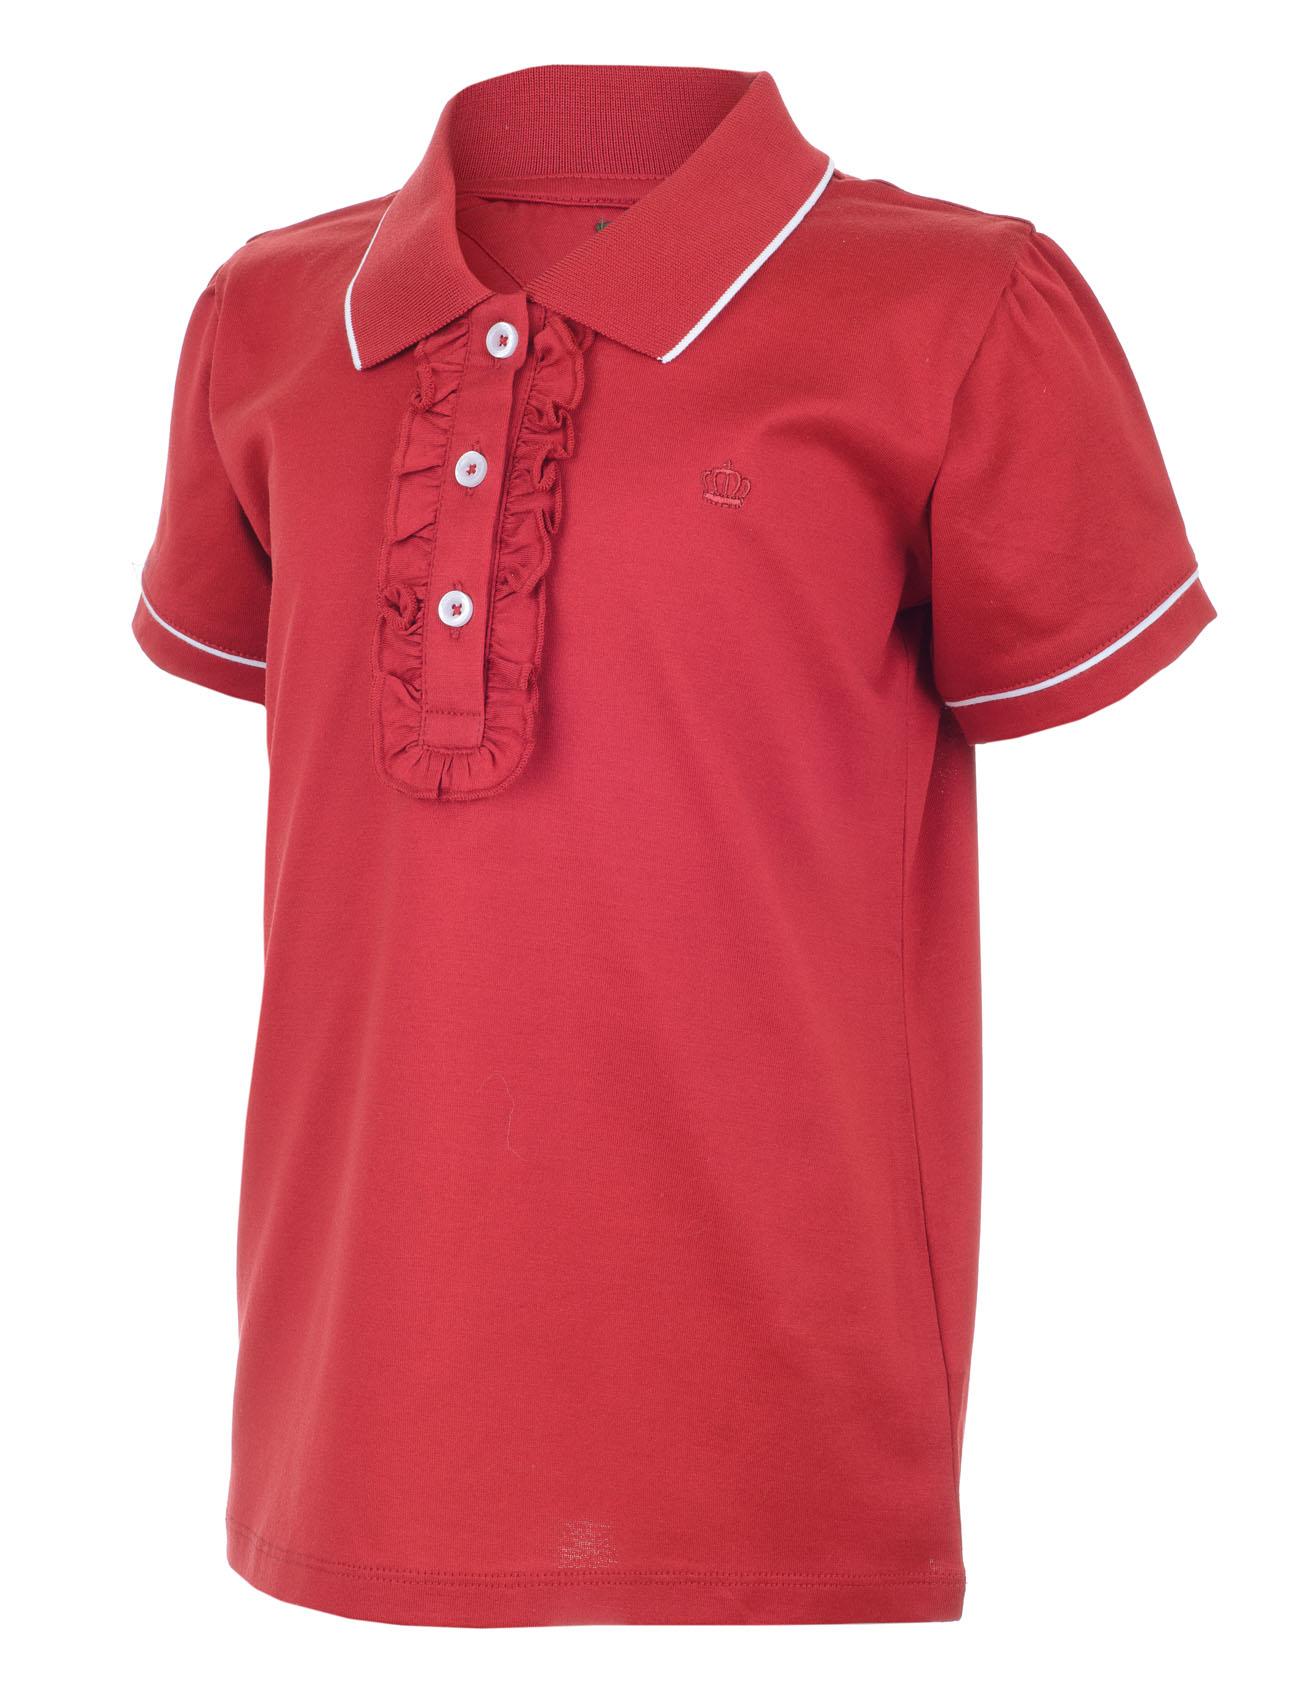 Red girl polo shirt for Polo shirt girl addiction